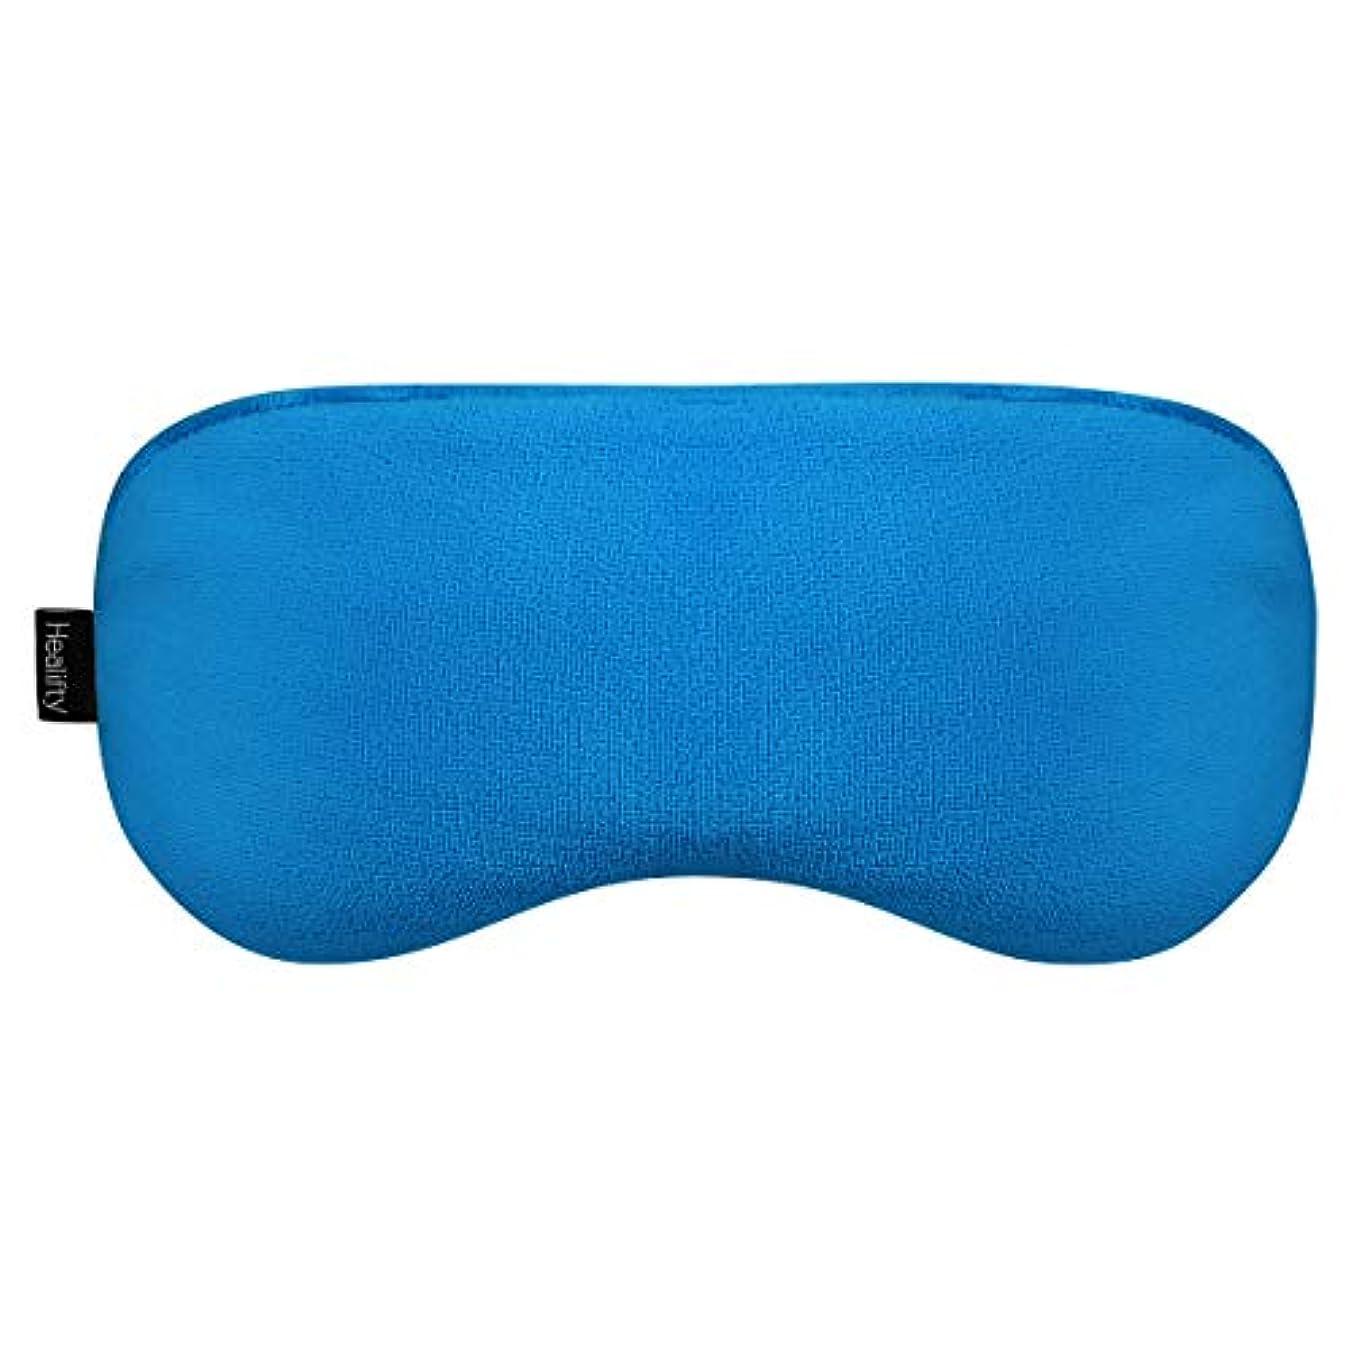 フラップ発行余剰Healifty 目の目隠し1ピース亜麻仁アイ圧縮暖かいアイセラピーマイクロ波ホットアイマスク付きベルベットカバー(ブルー)